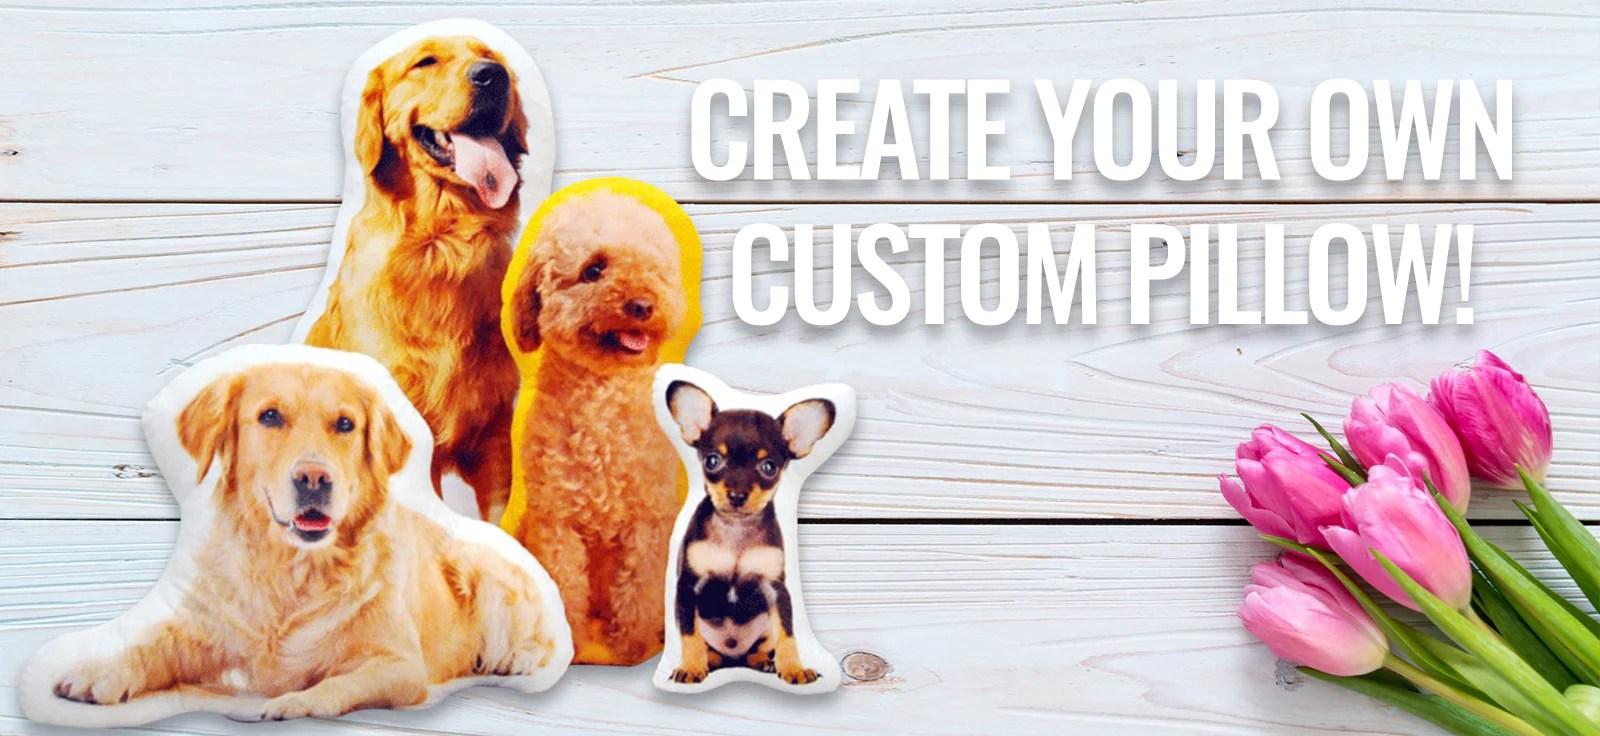 create your own pet pillow custom pet